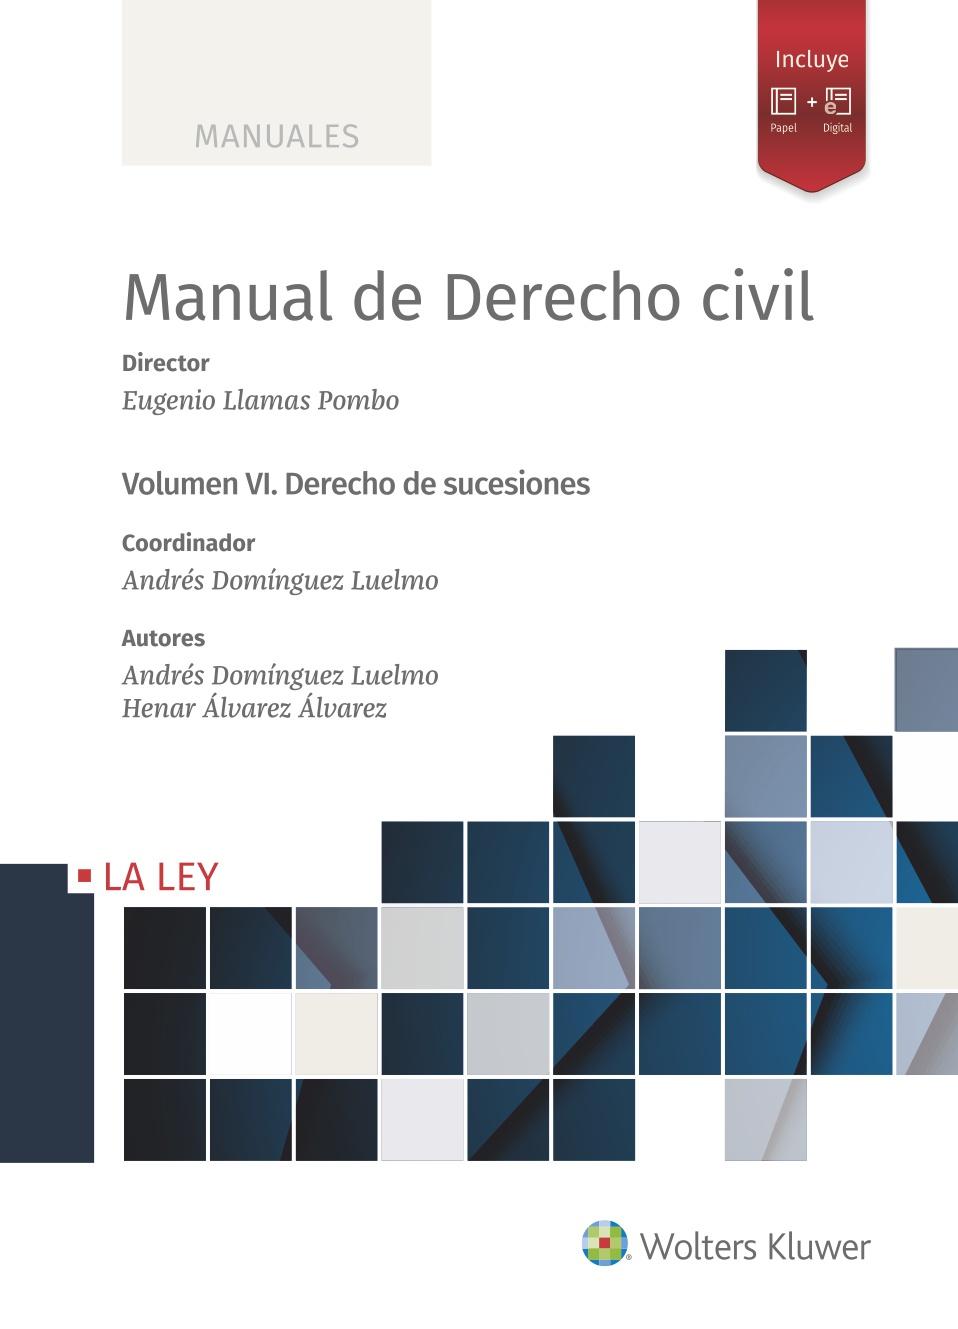 Manual de Derecho Civil   «Volumen VI. Derecho de sucesiones»